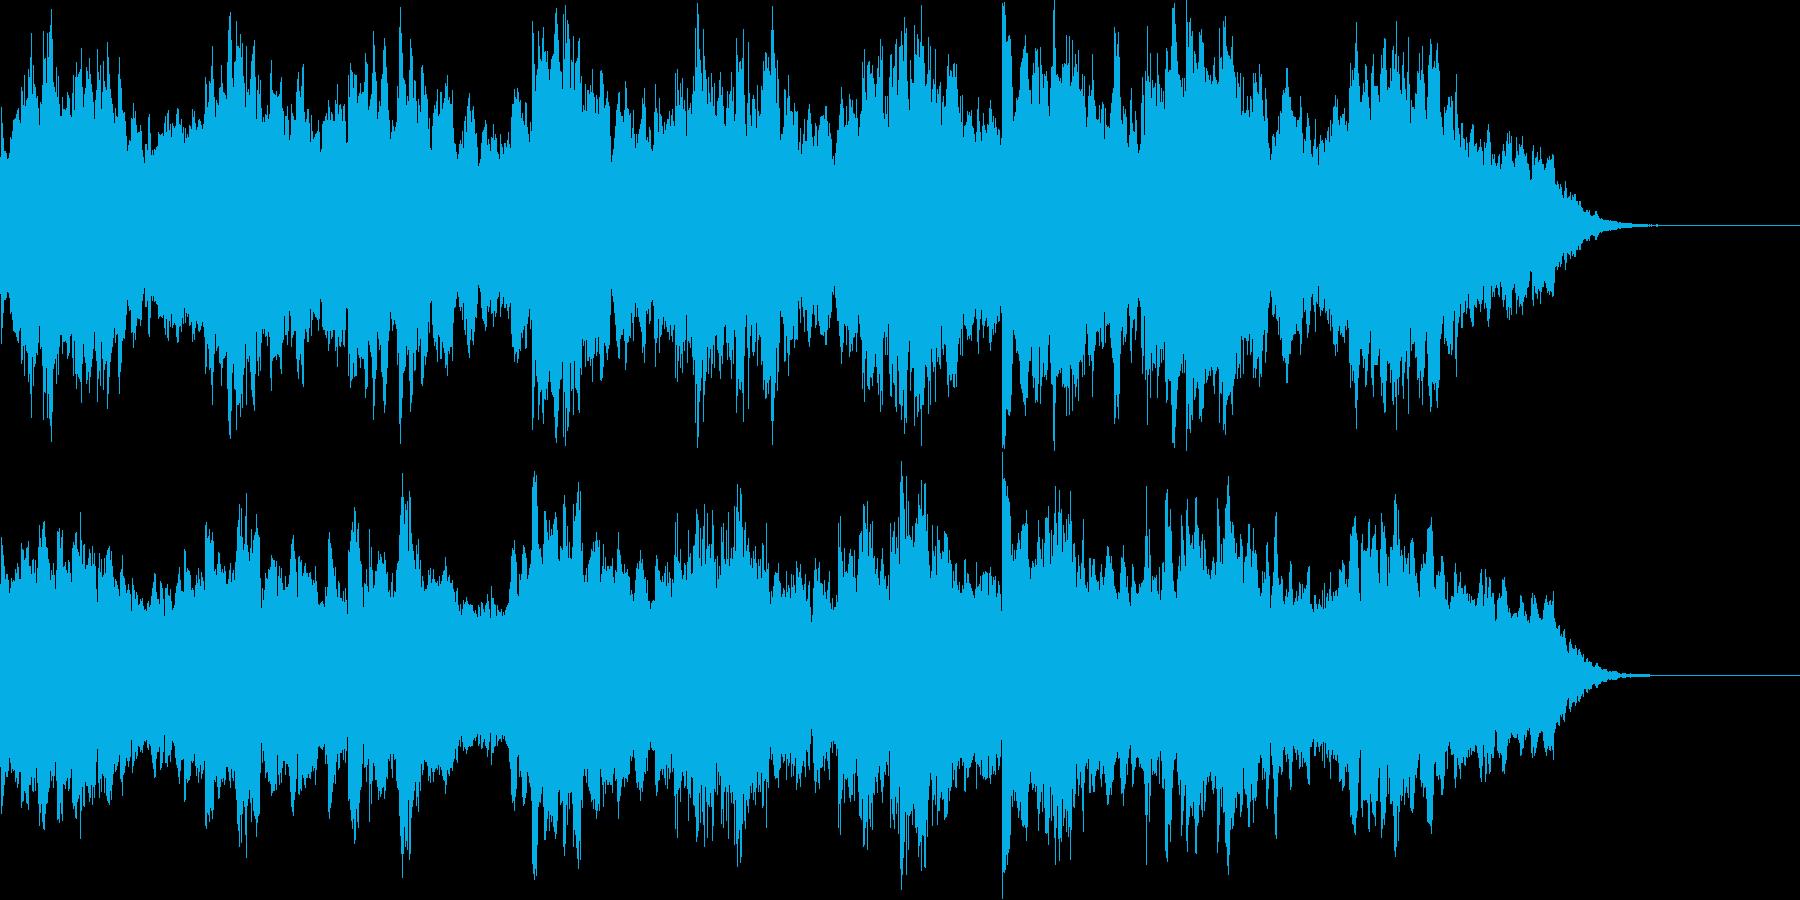 creo_leo_bgm32の再生済みの波形